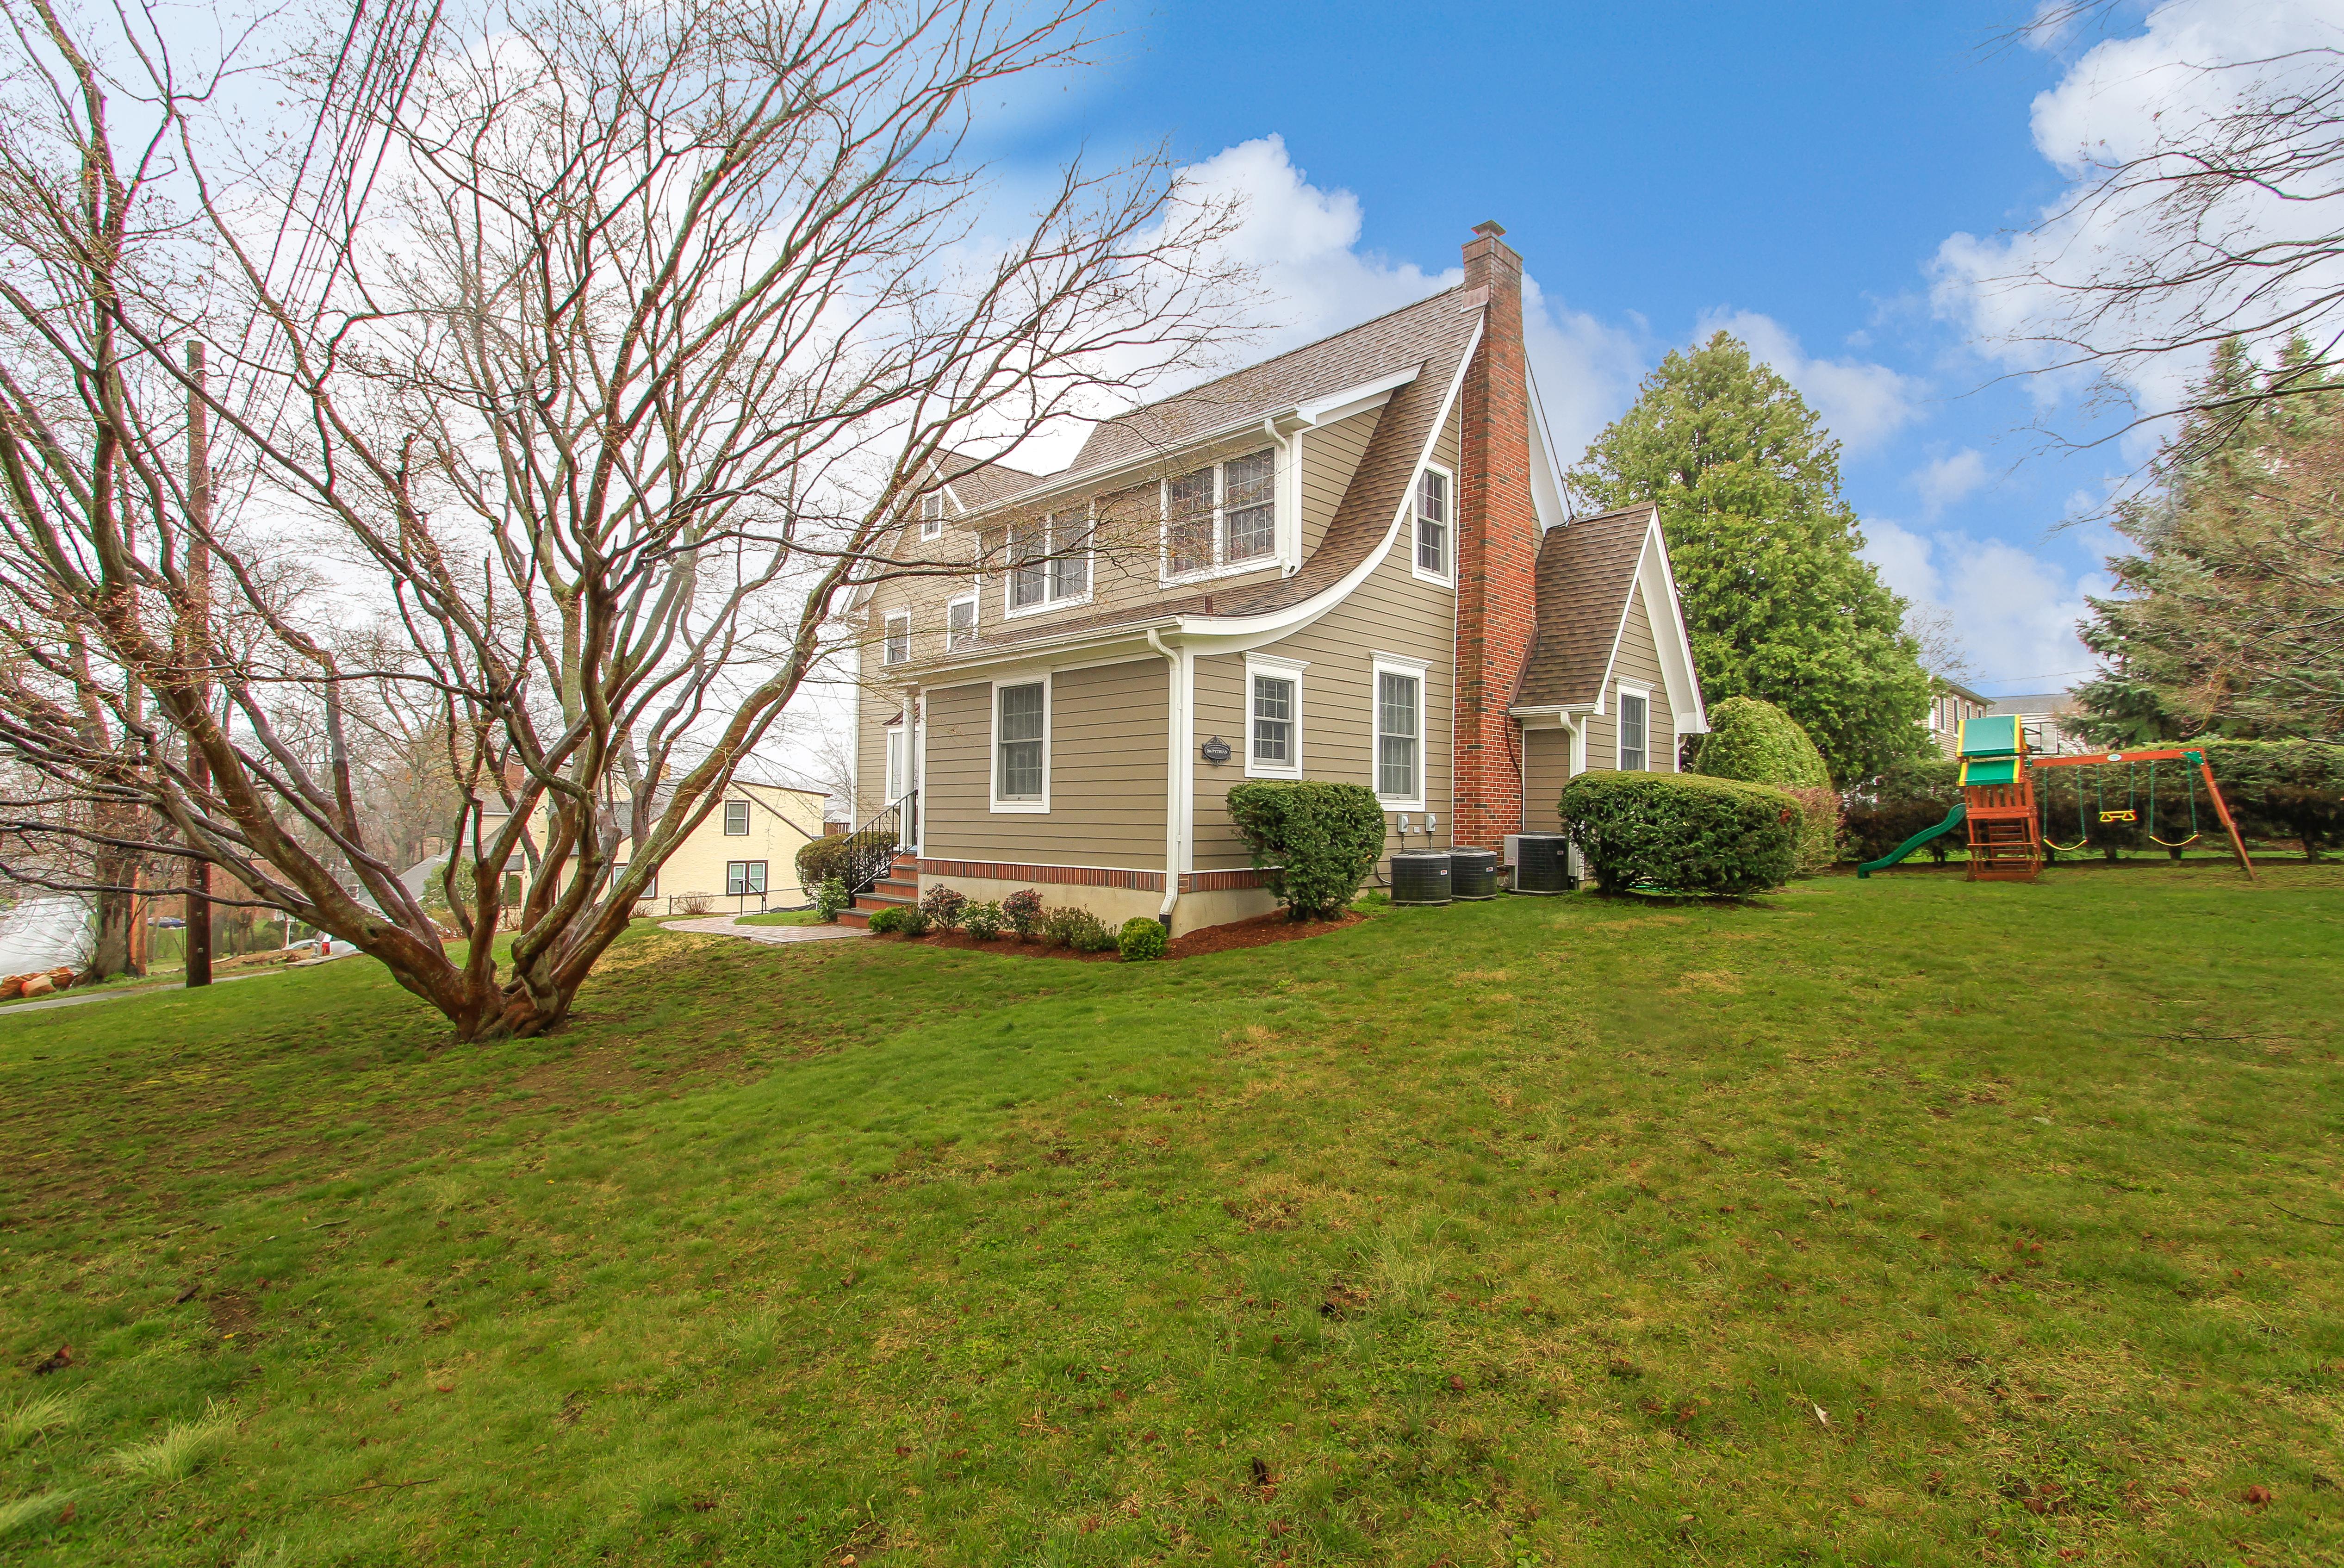 独户住宅 为 销售 在 266 Pythian Avenue Hawthorne, 纽约州, 10532 美国